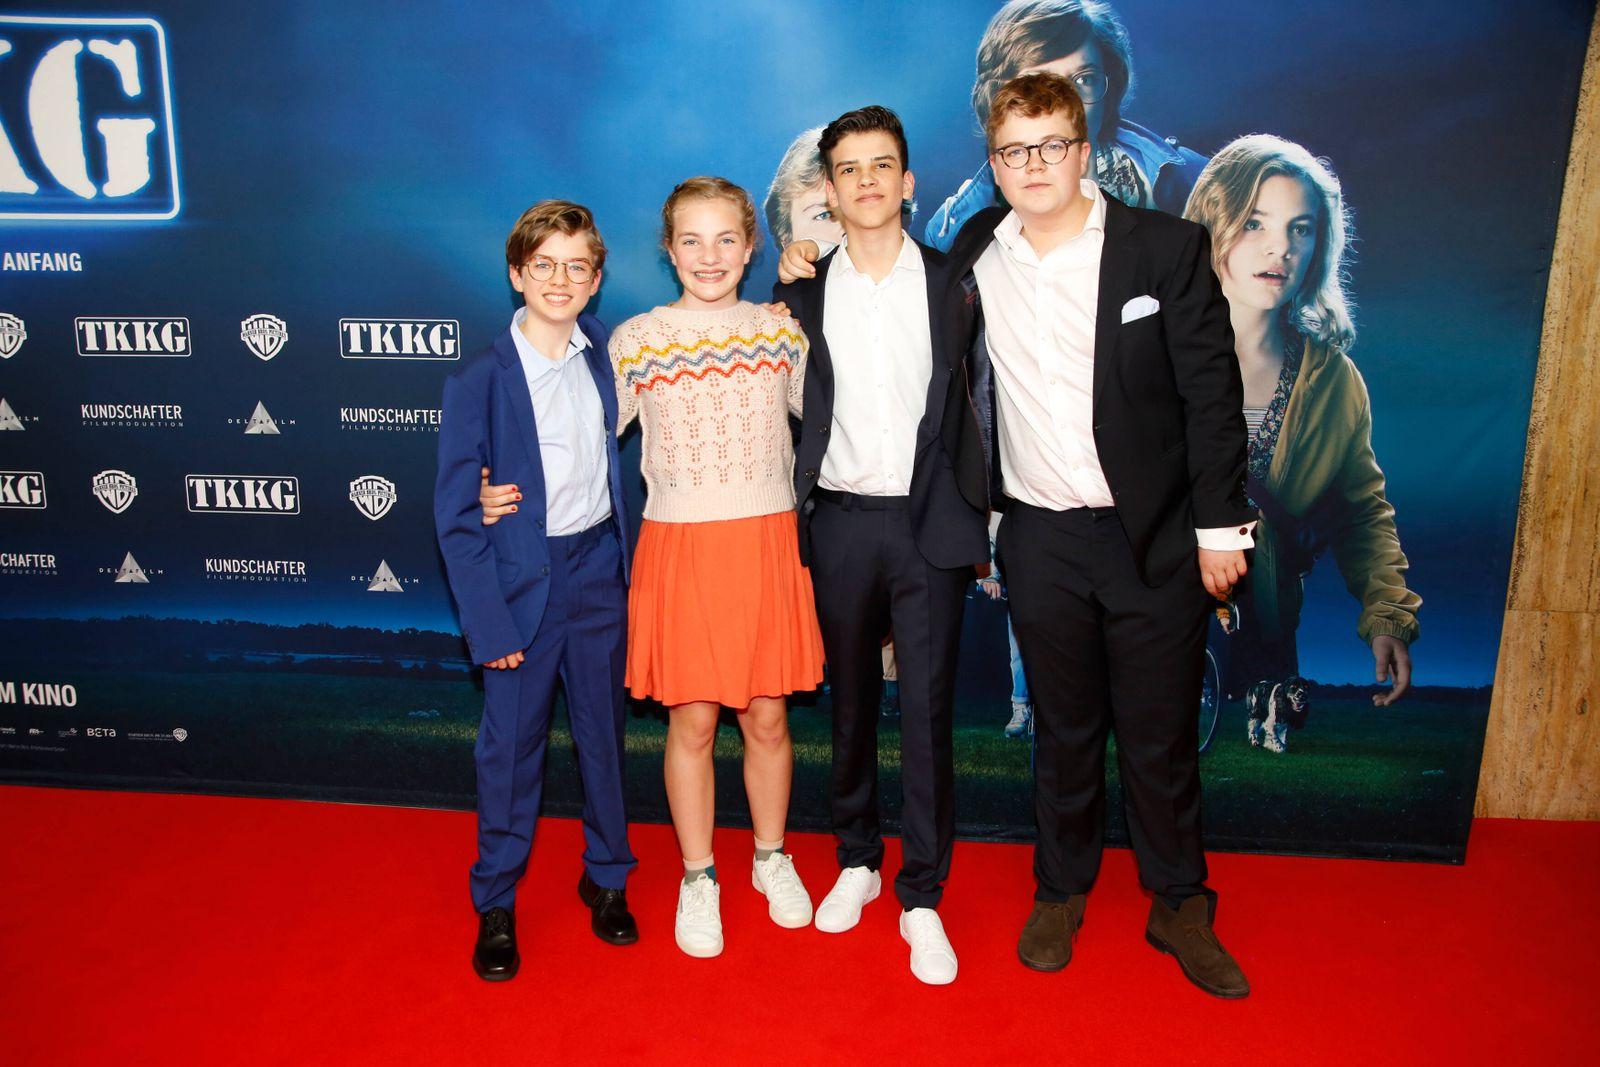 Manuel Santos Gelke, Emma-Louise Schimpf, Ilyes Moutaoukkil und Lorenzo Germeno auf dem Roten Teppich bei der Premiere v